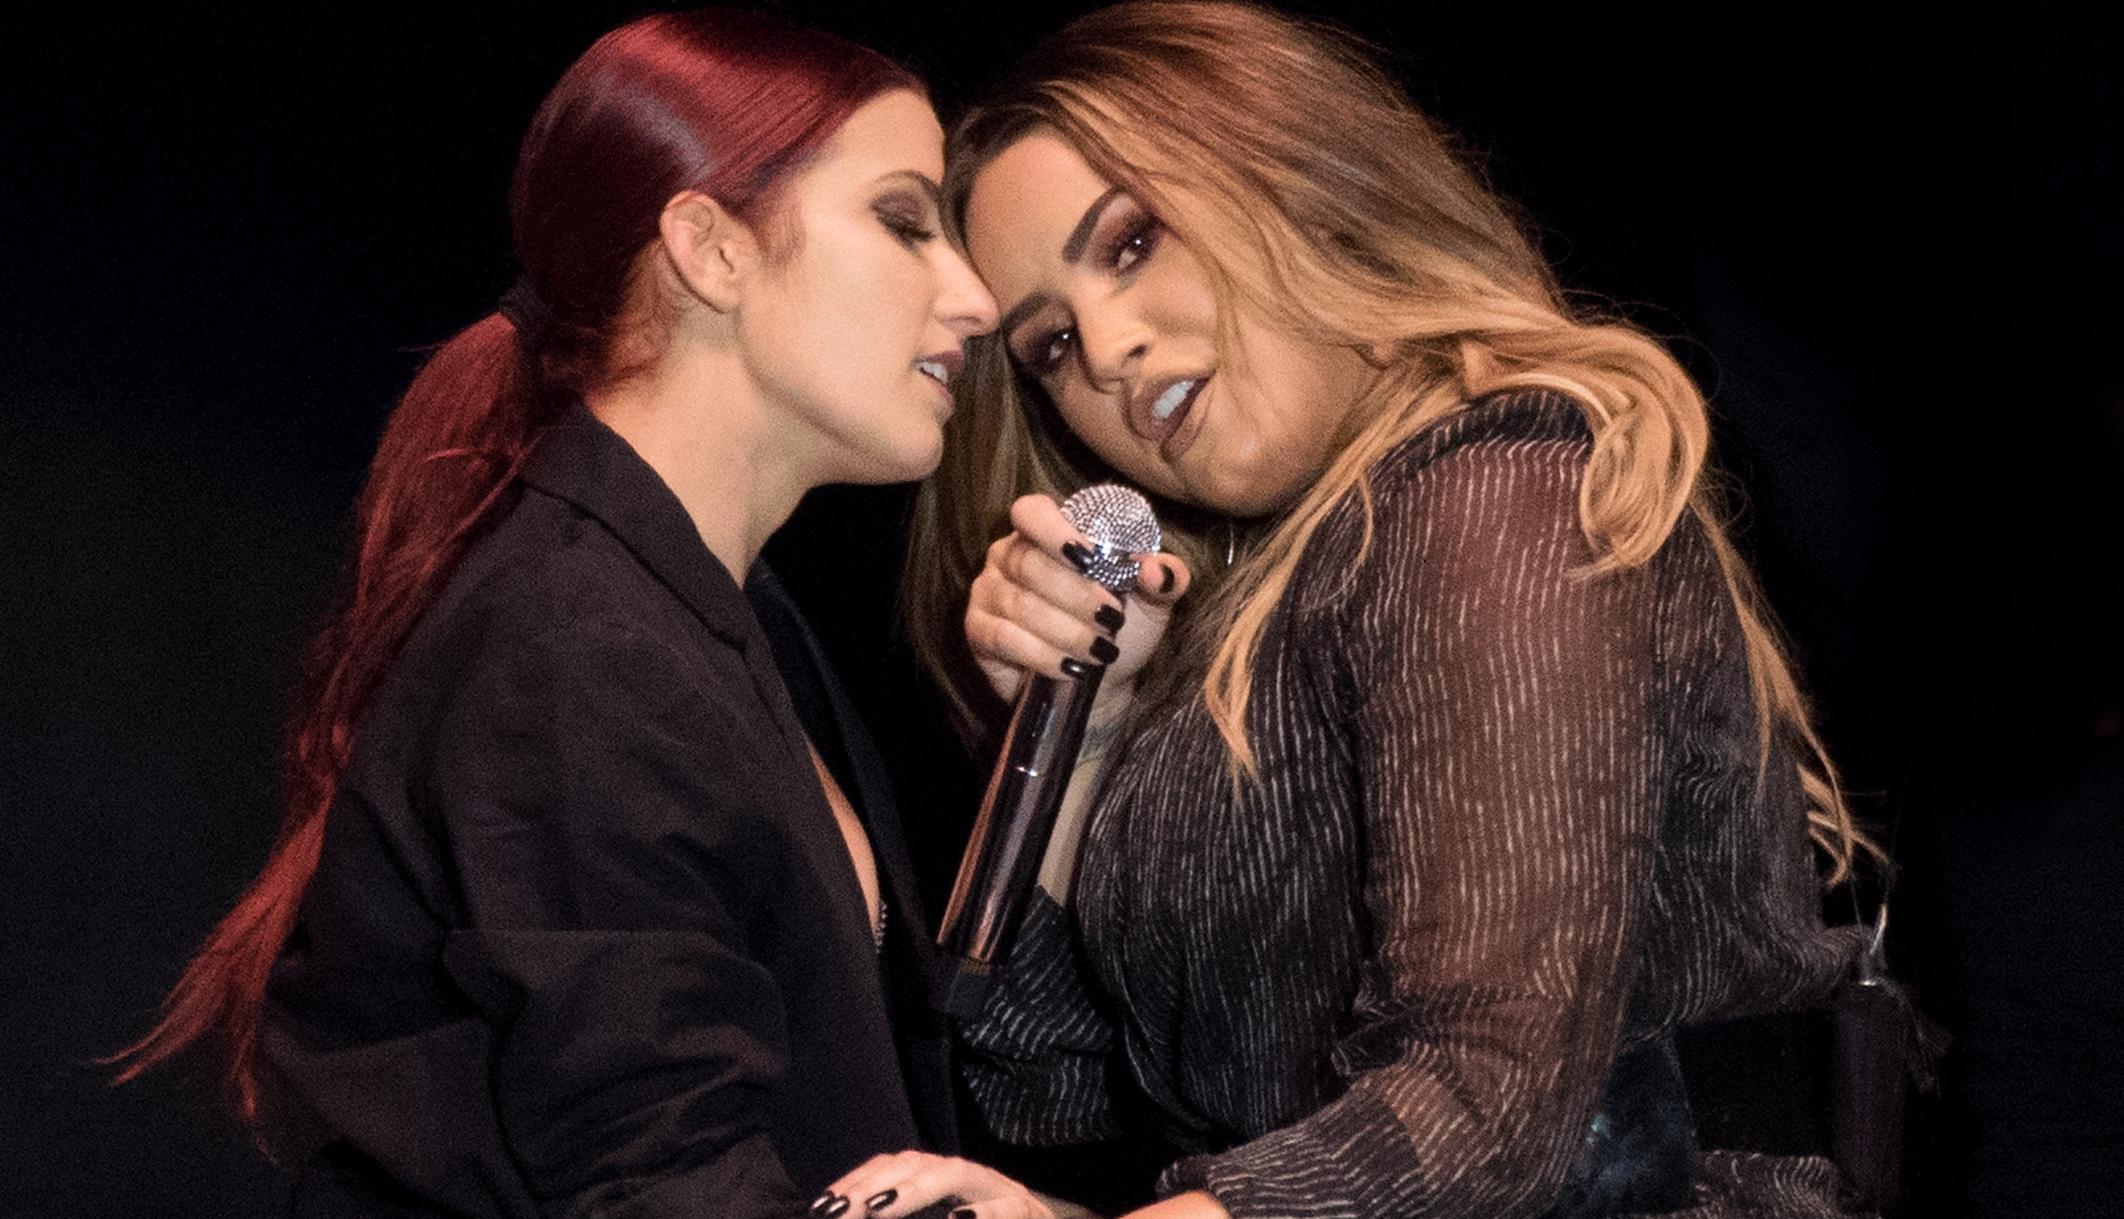 El bailarín de respaldo de Demi Lovato, Dani Vitale, pide el fin de la 'negatividad' que rodea al OD de la cantante: 'Nada más que amor en mi corazón'